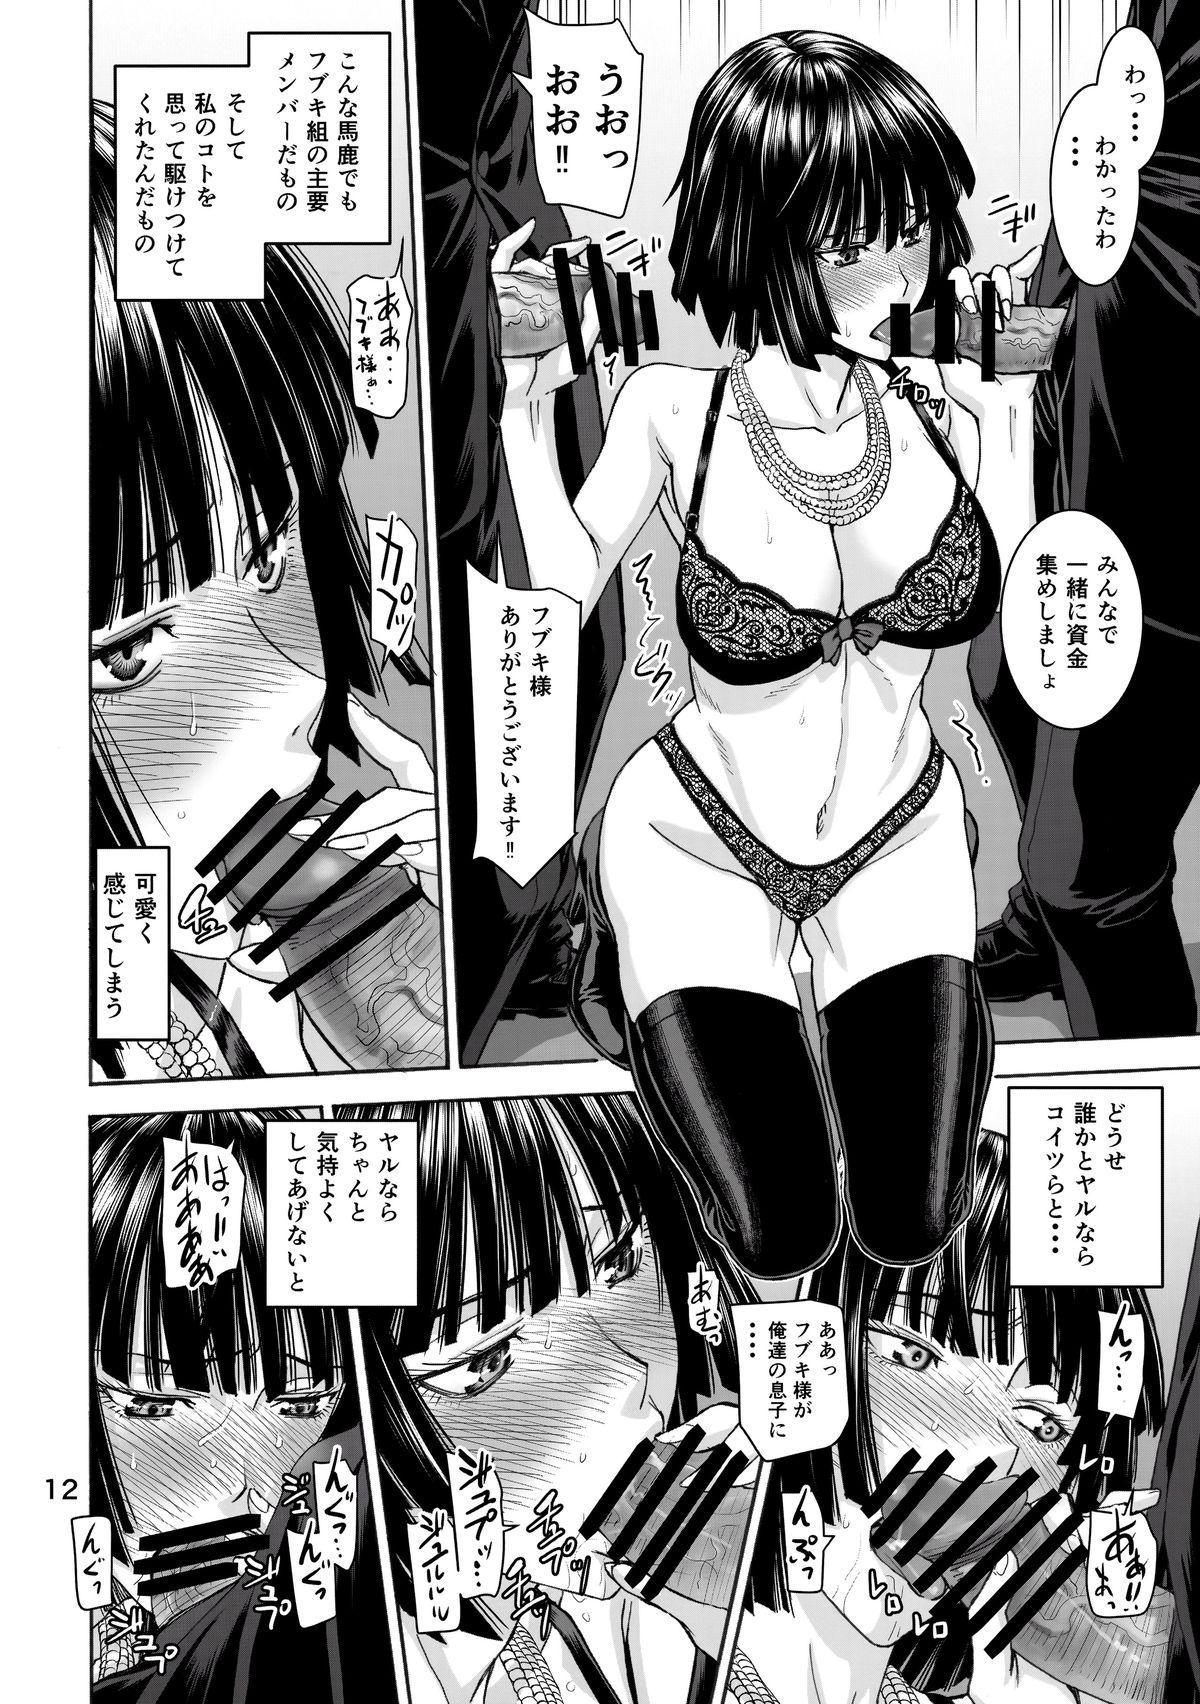 (C89) [High Thrust (Inomaru)] Geneki B-kyuu 1-i Hero Jigoku no Fubuki AV Debut!! (One Punch Man) 11